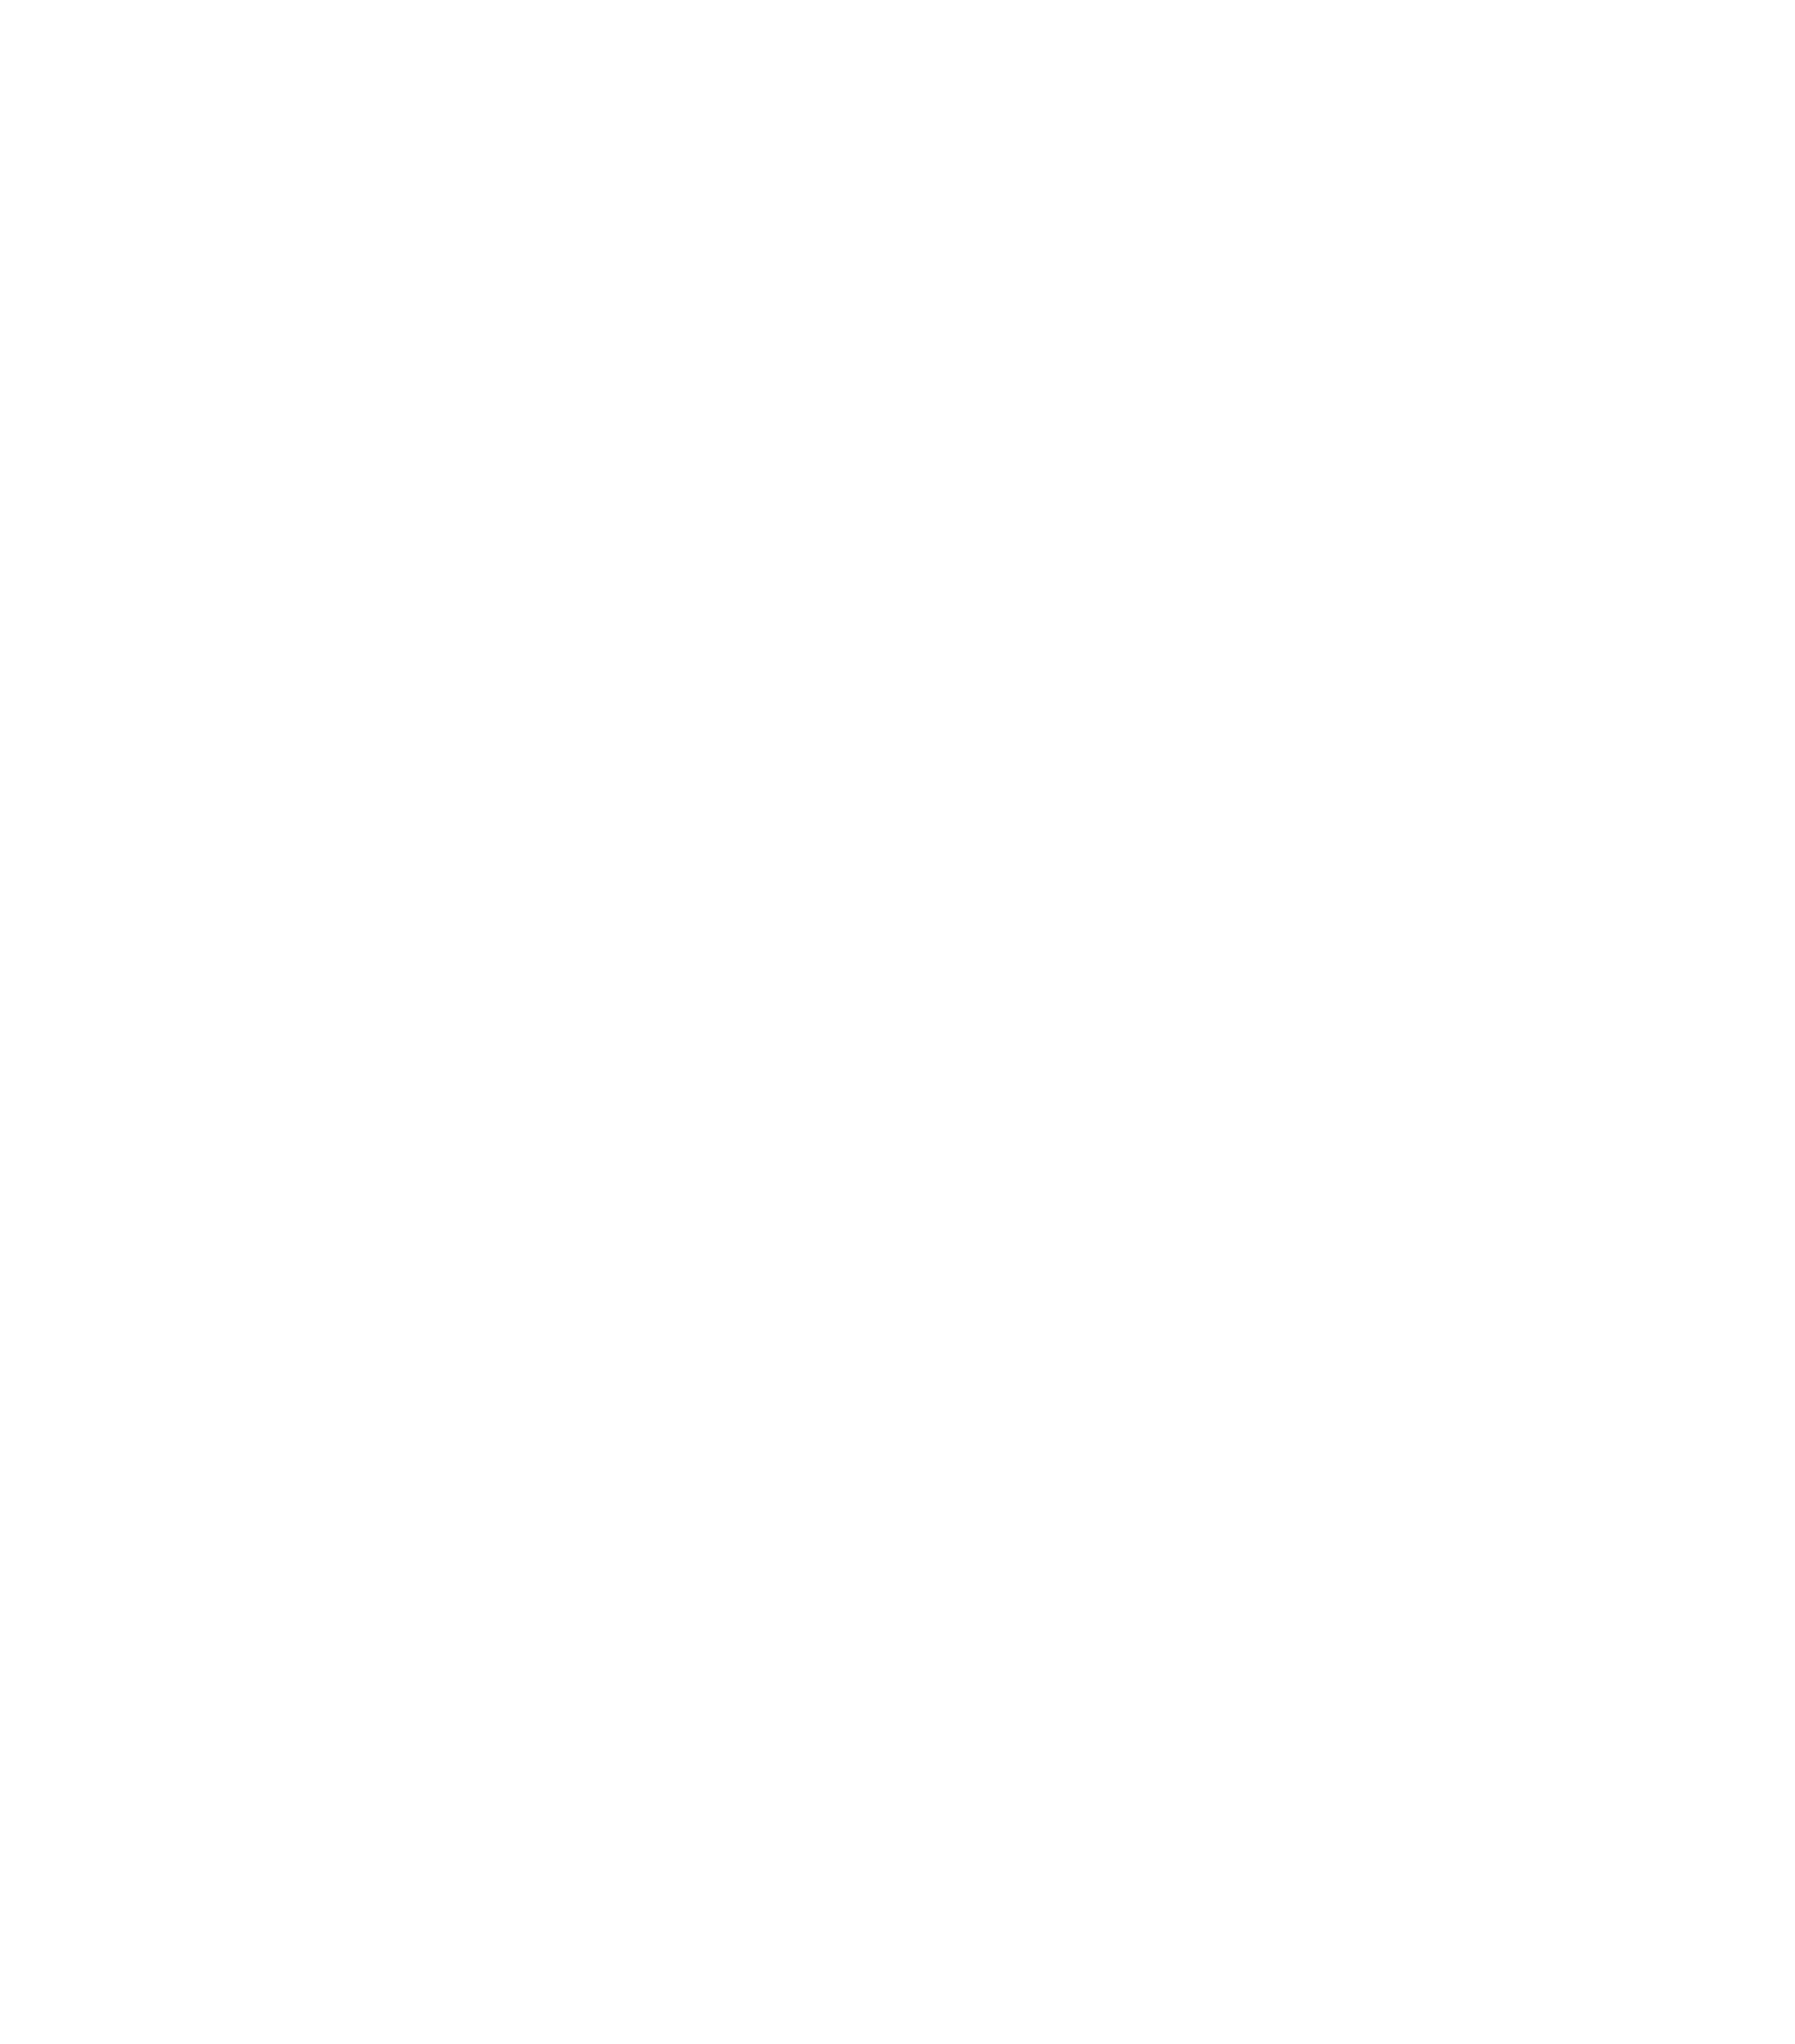 Relay. De opwaardeerservice voor 3D print poeder. Werk samen met ons om SLS te printen zonder afval. Neem contact met ons op via de website.